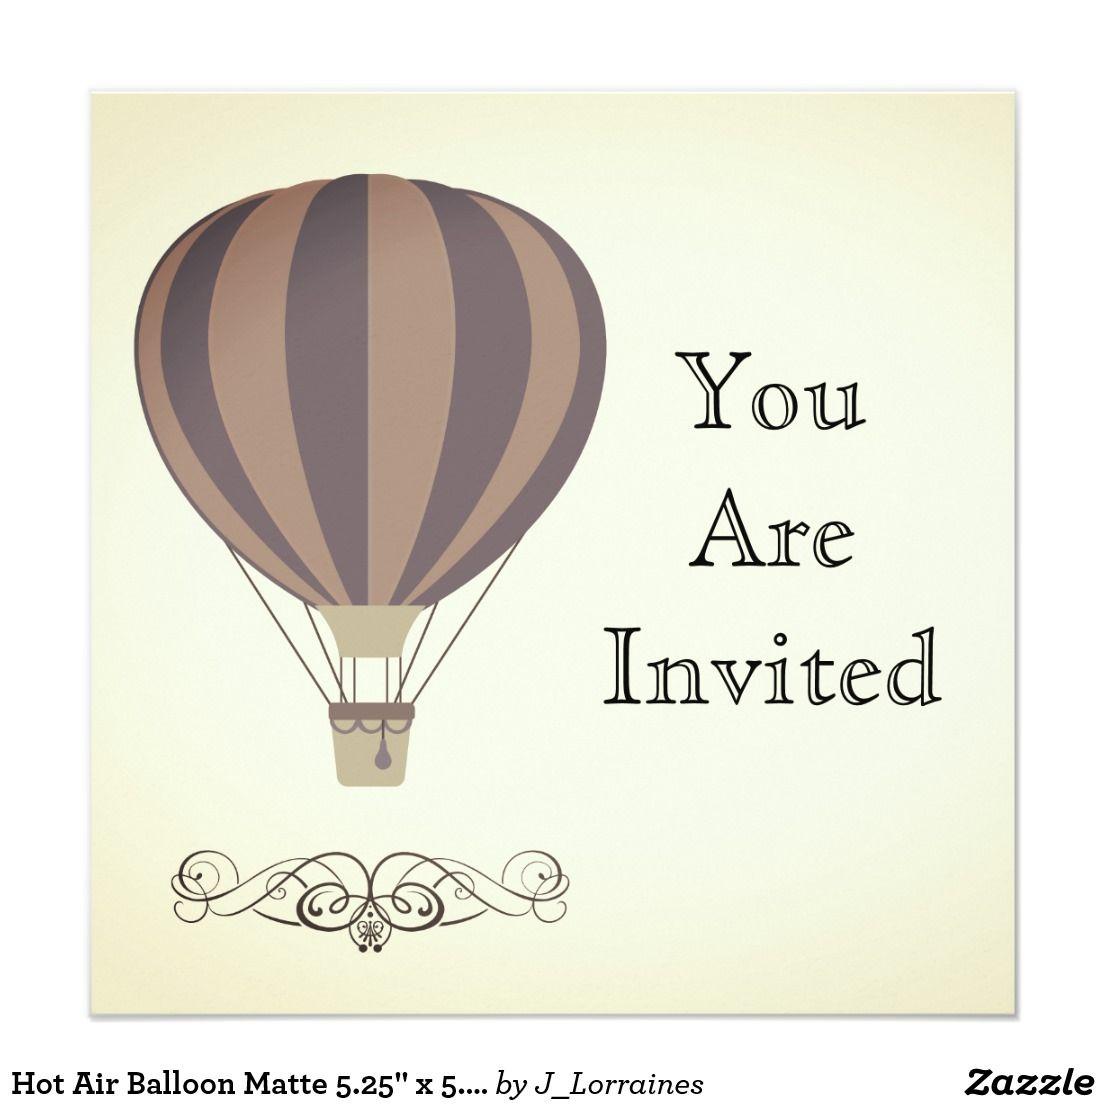 """Hot Air Balloon Matte 5.25"""" x 5.25 Invitation"""